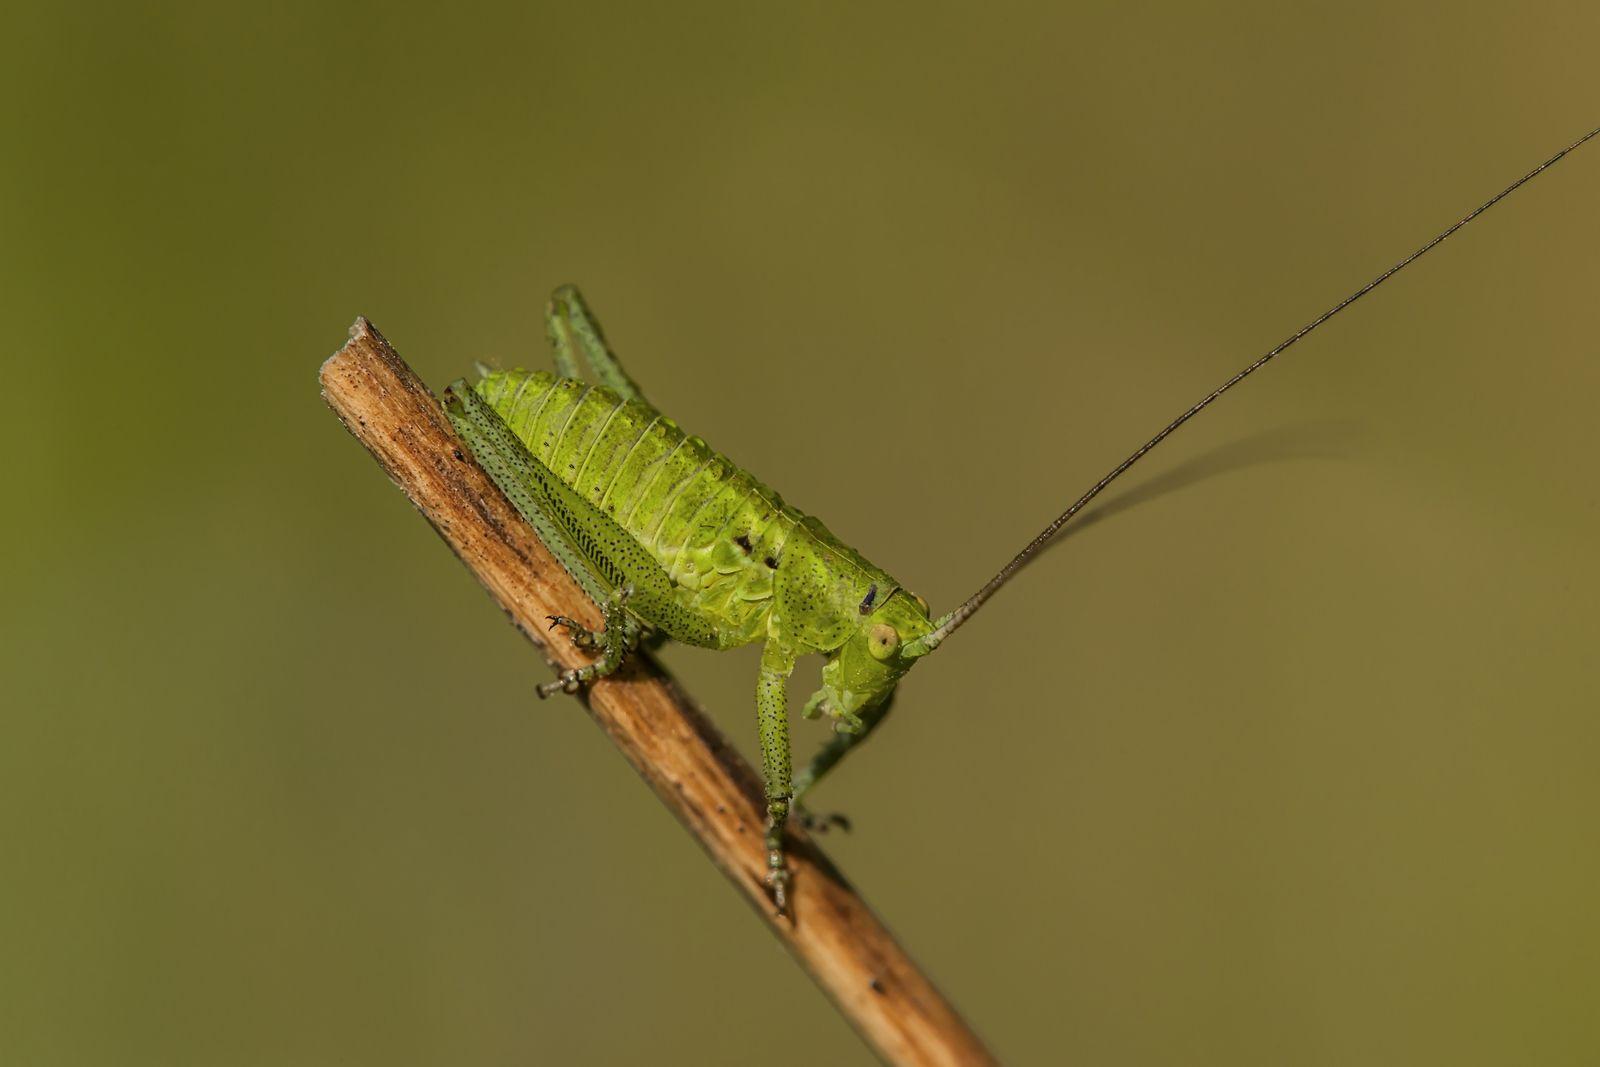 Кузнечик Насекомые фото насекомых кузнечика кузнечик